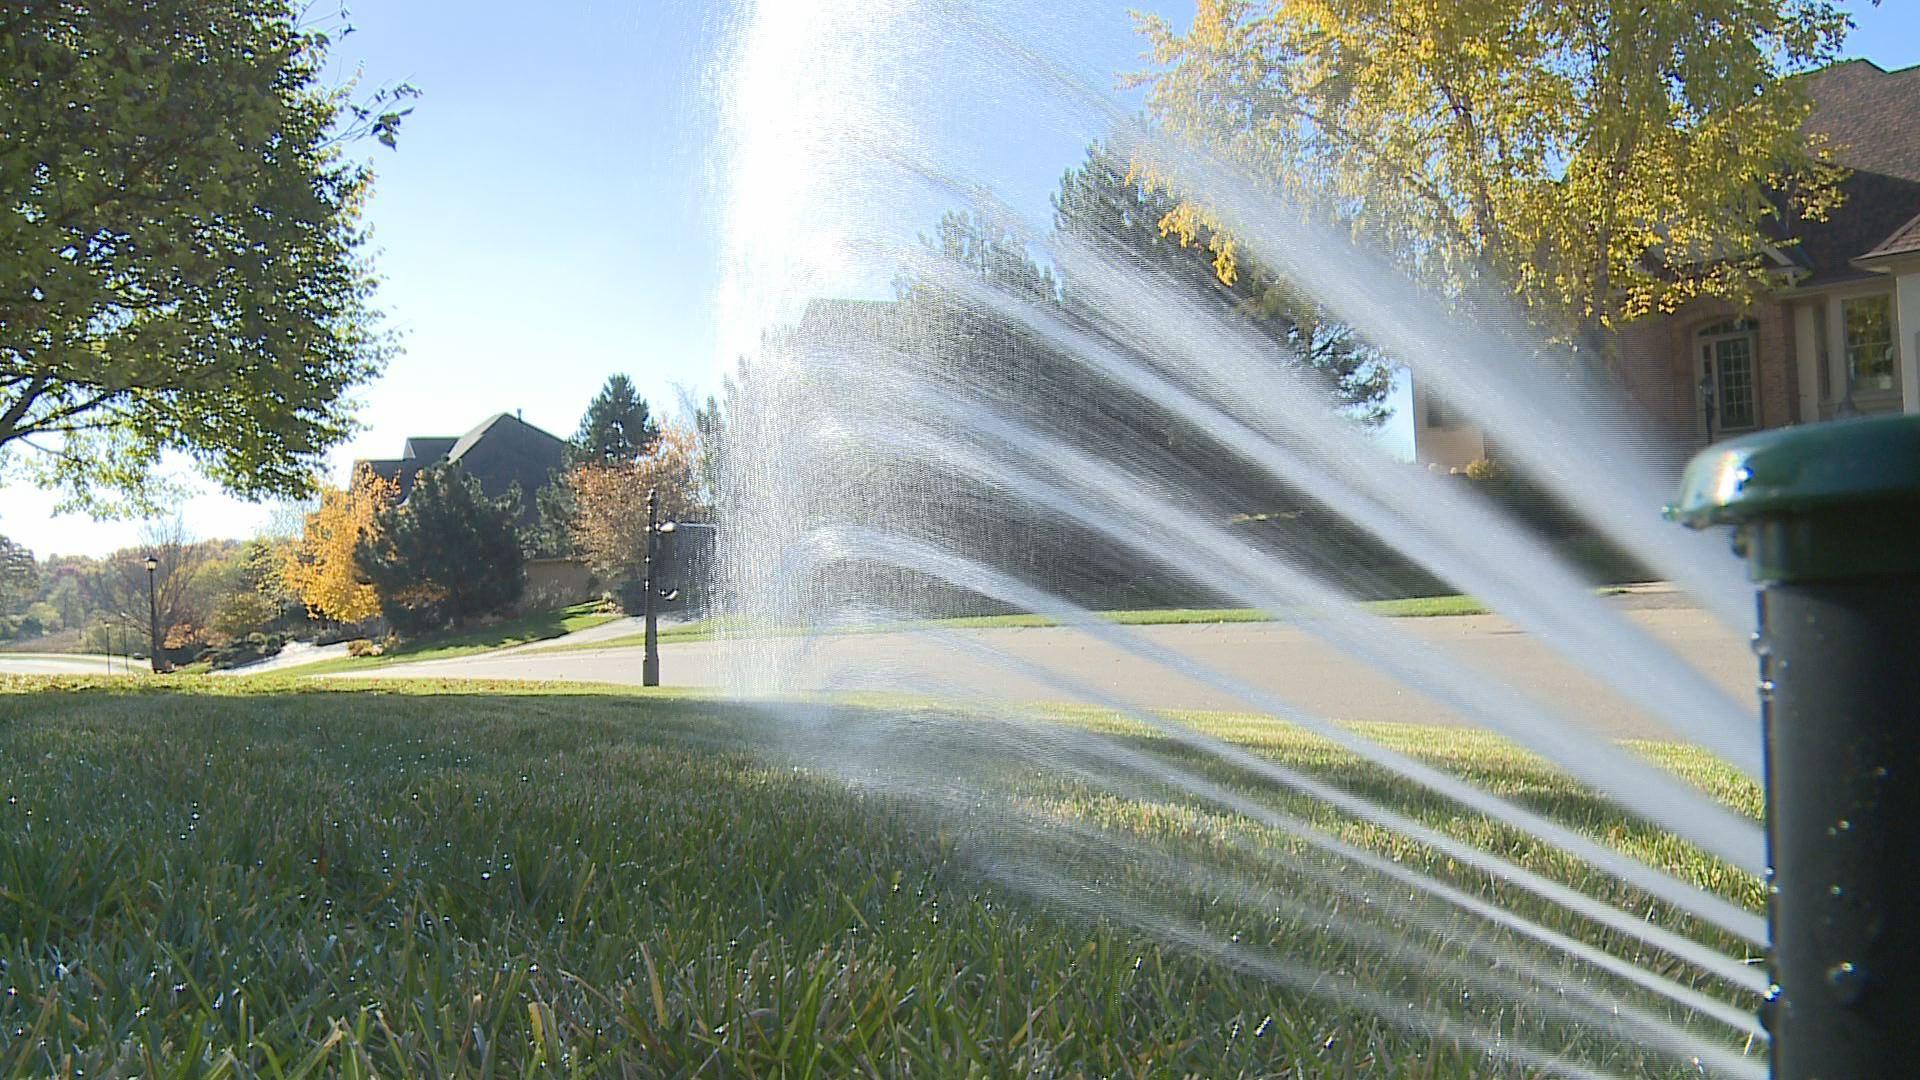 Irrigreen Genius Irrigation System Saves Water Saves